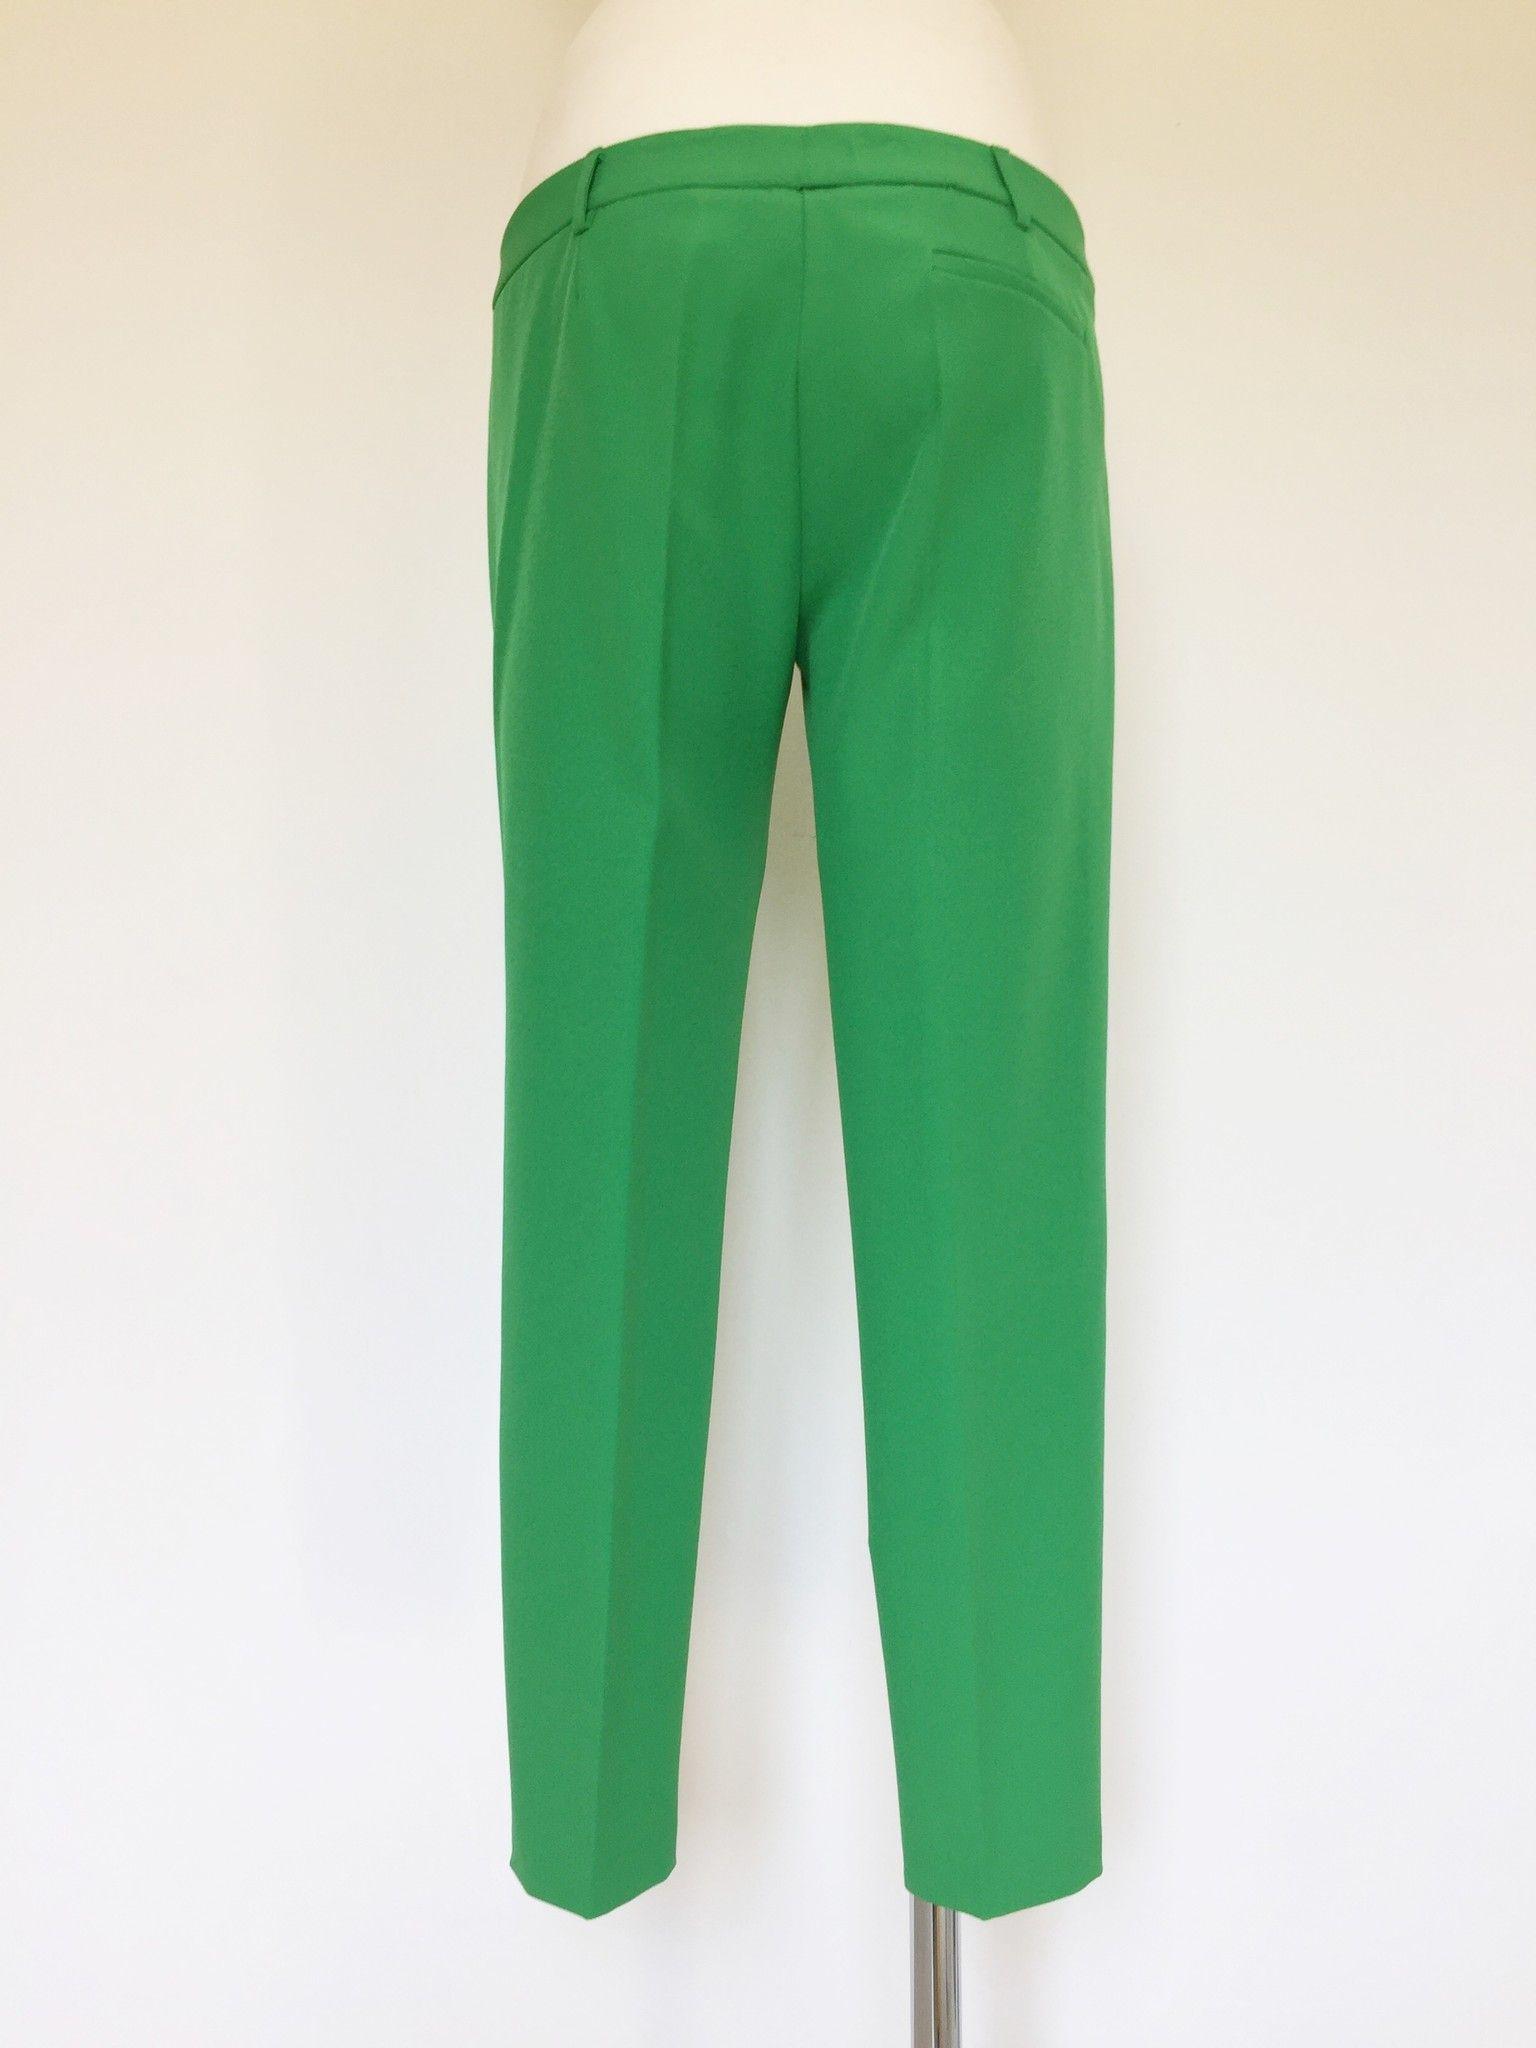 Pantalone Space Modello Capri Cod.AI134002